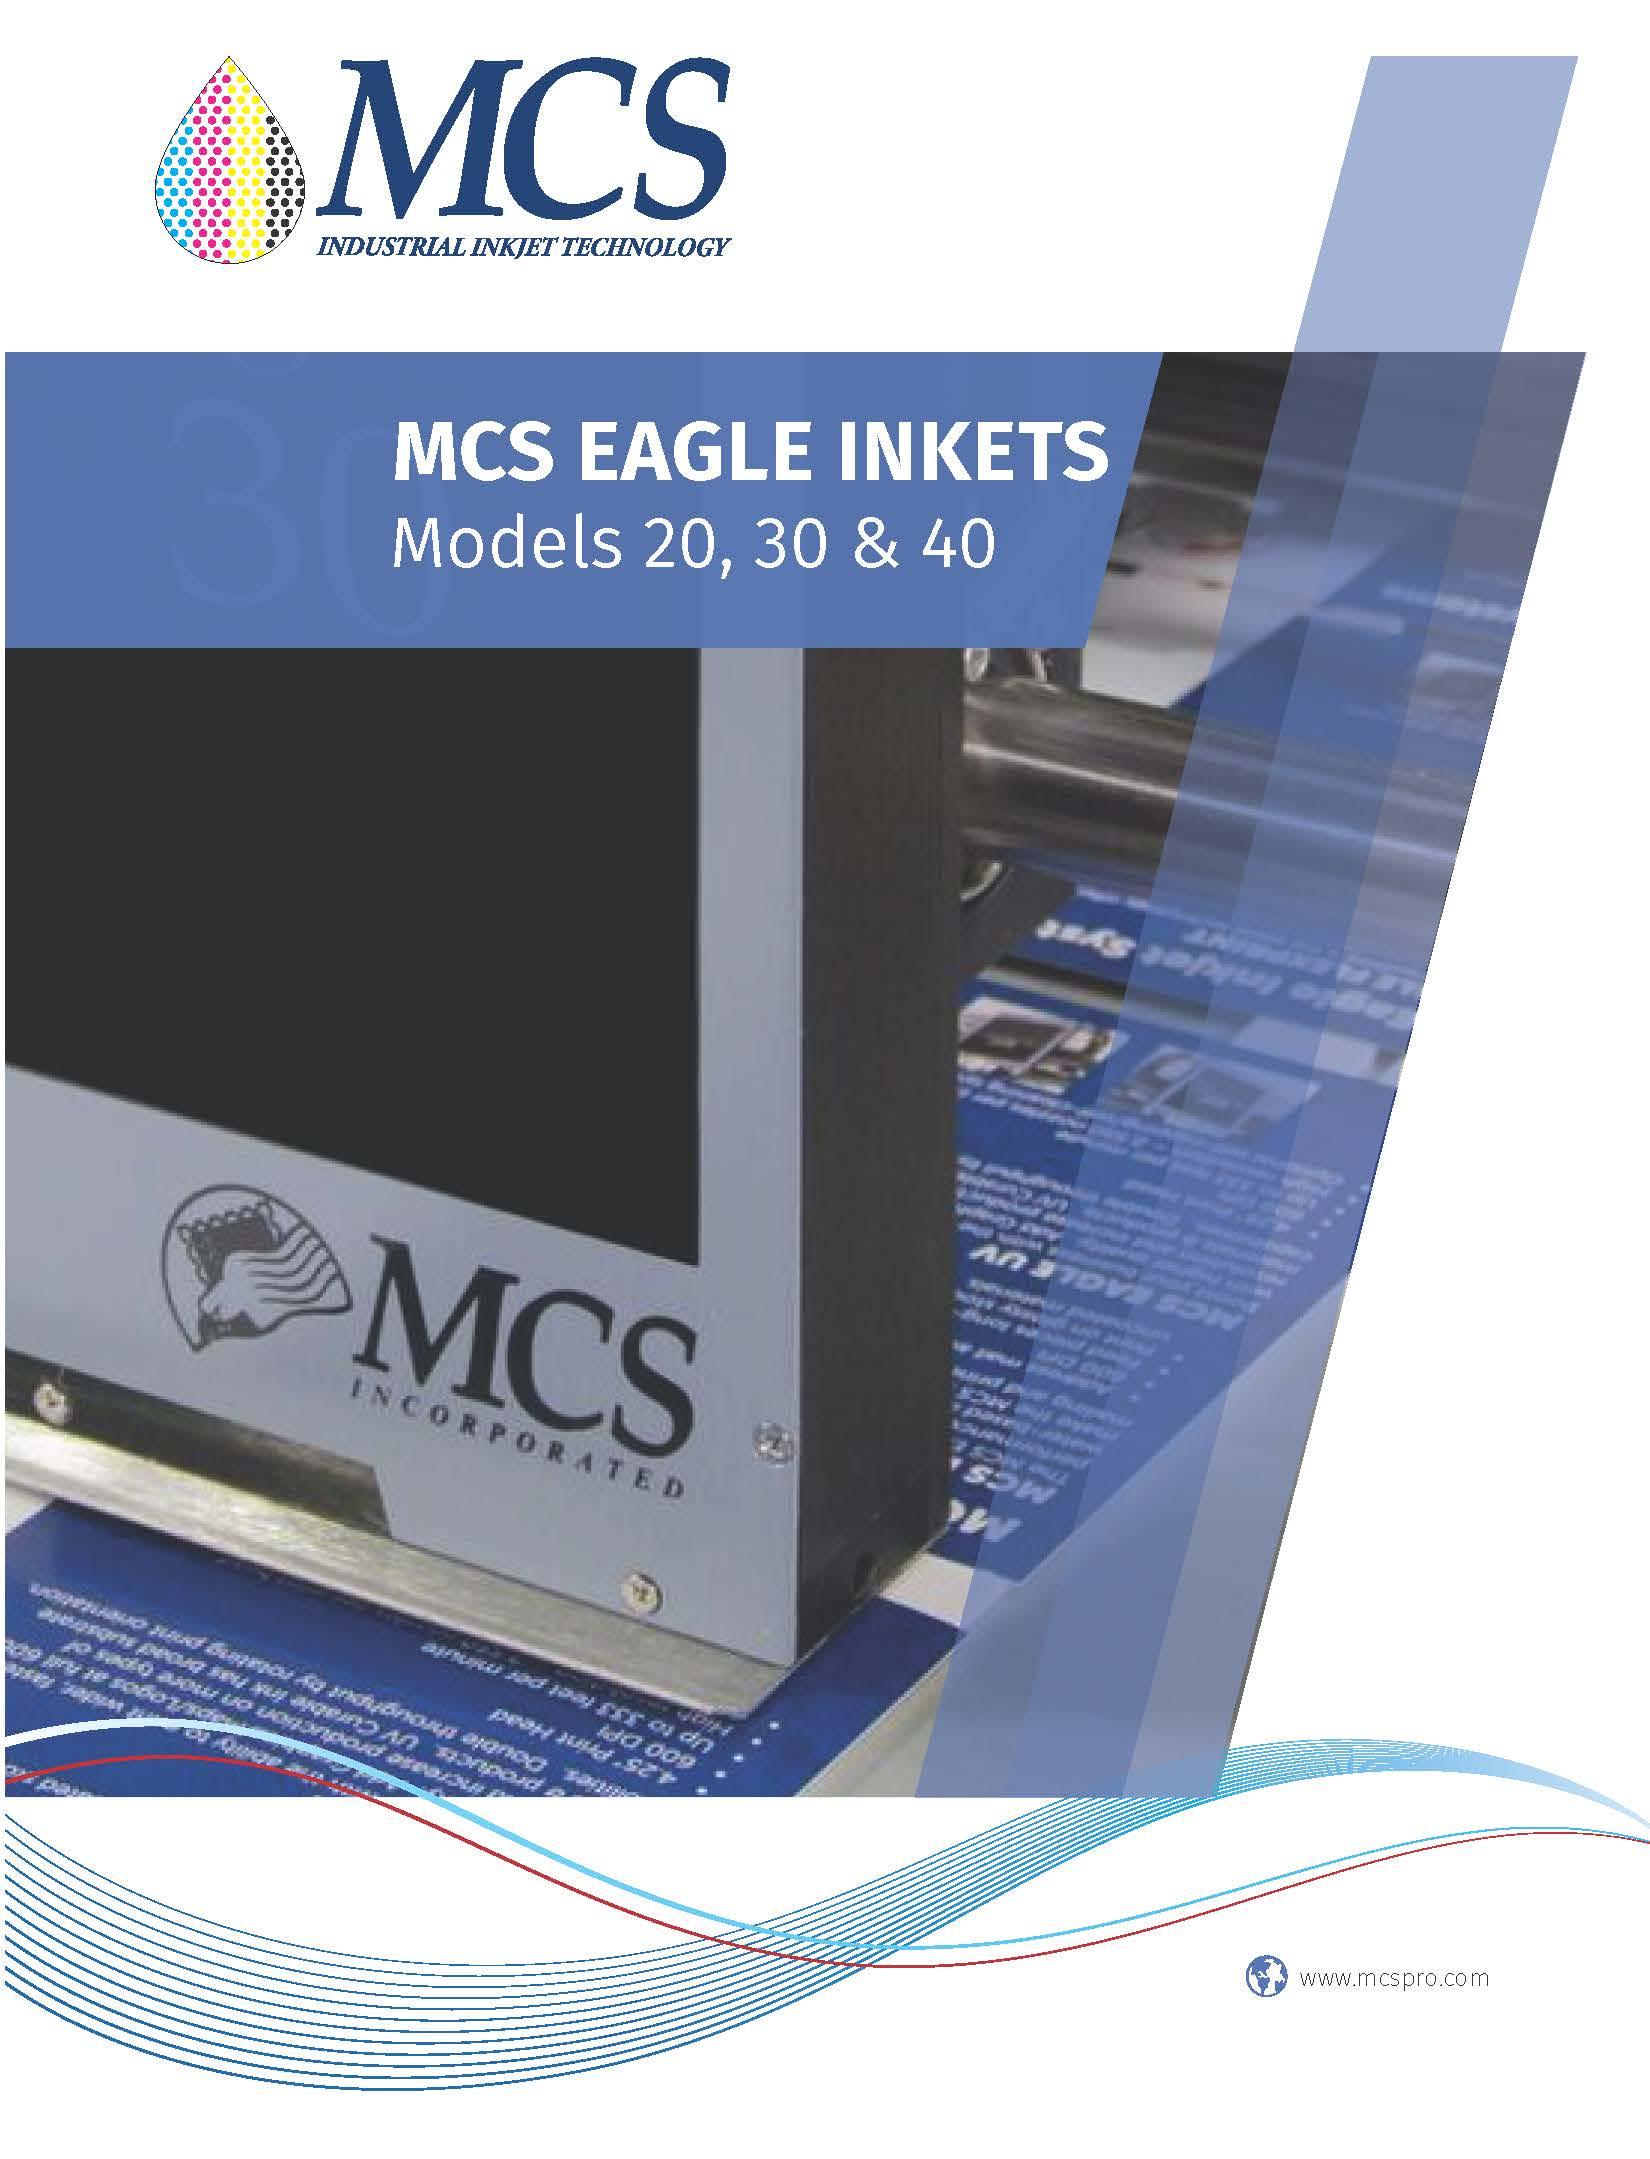 MCS EAGLE 30 INKJET SYSTEM